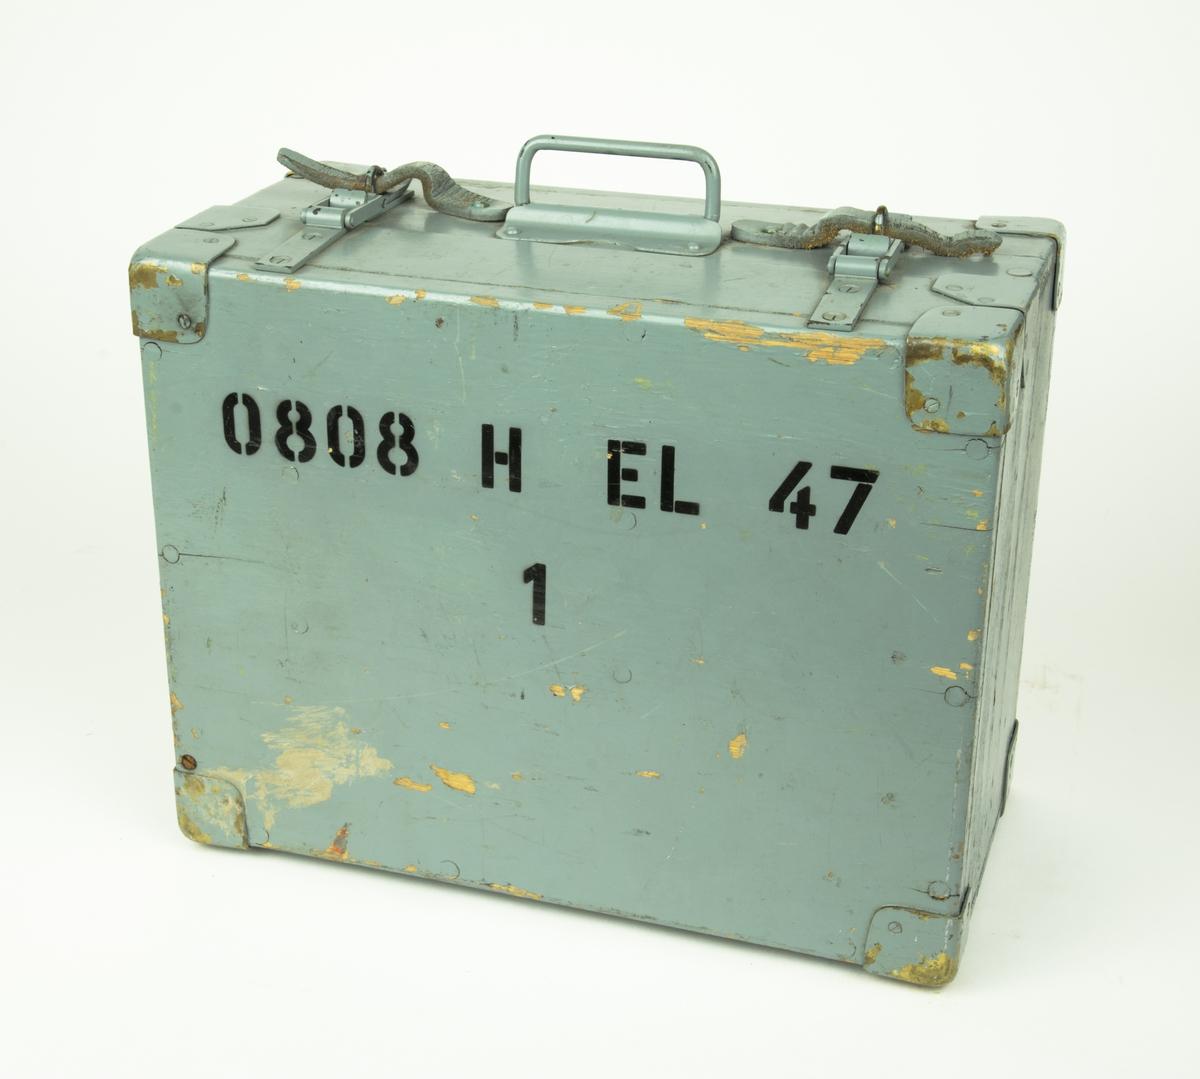 """Sektorfyr EL 47 NIFE. Sektorfyren har som en stickpropp i botten. Uppe på fyren finns ett vattenpass. Fyren förvaras i en trälåda, på trälådan står """"0808 H EL 47 1""""."""